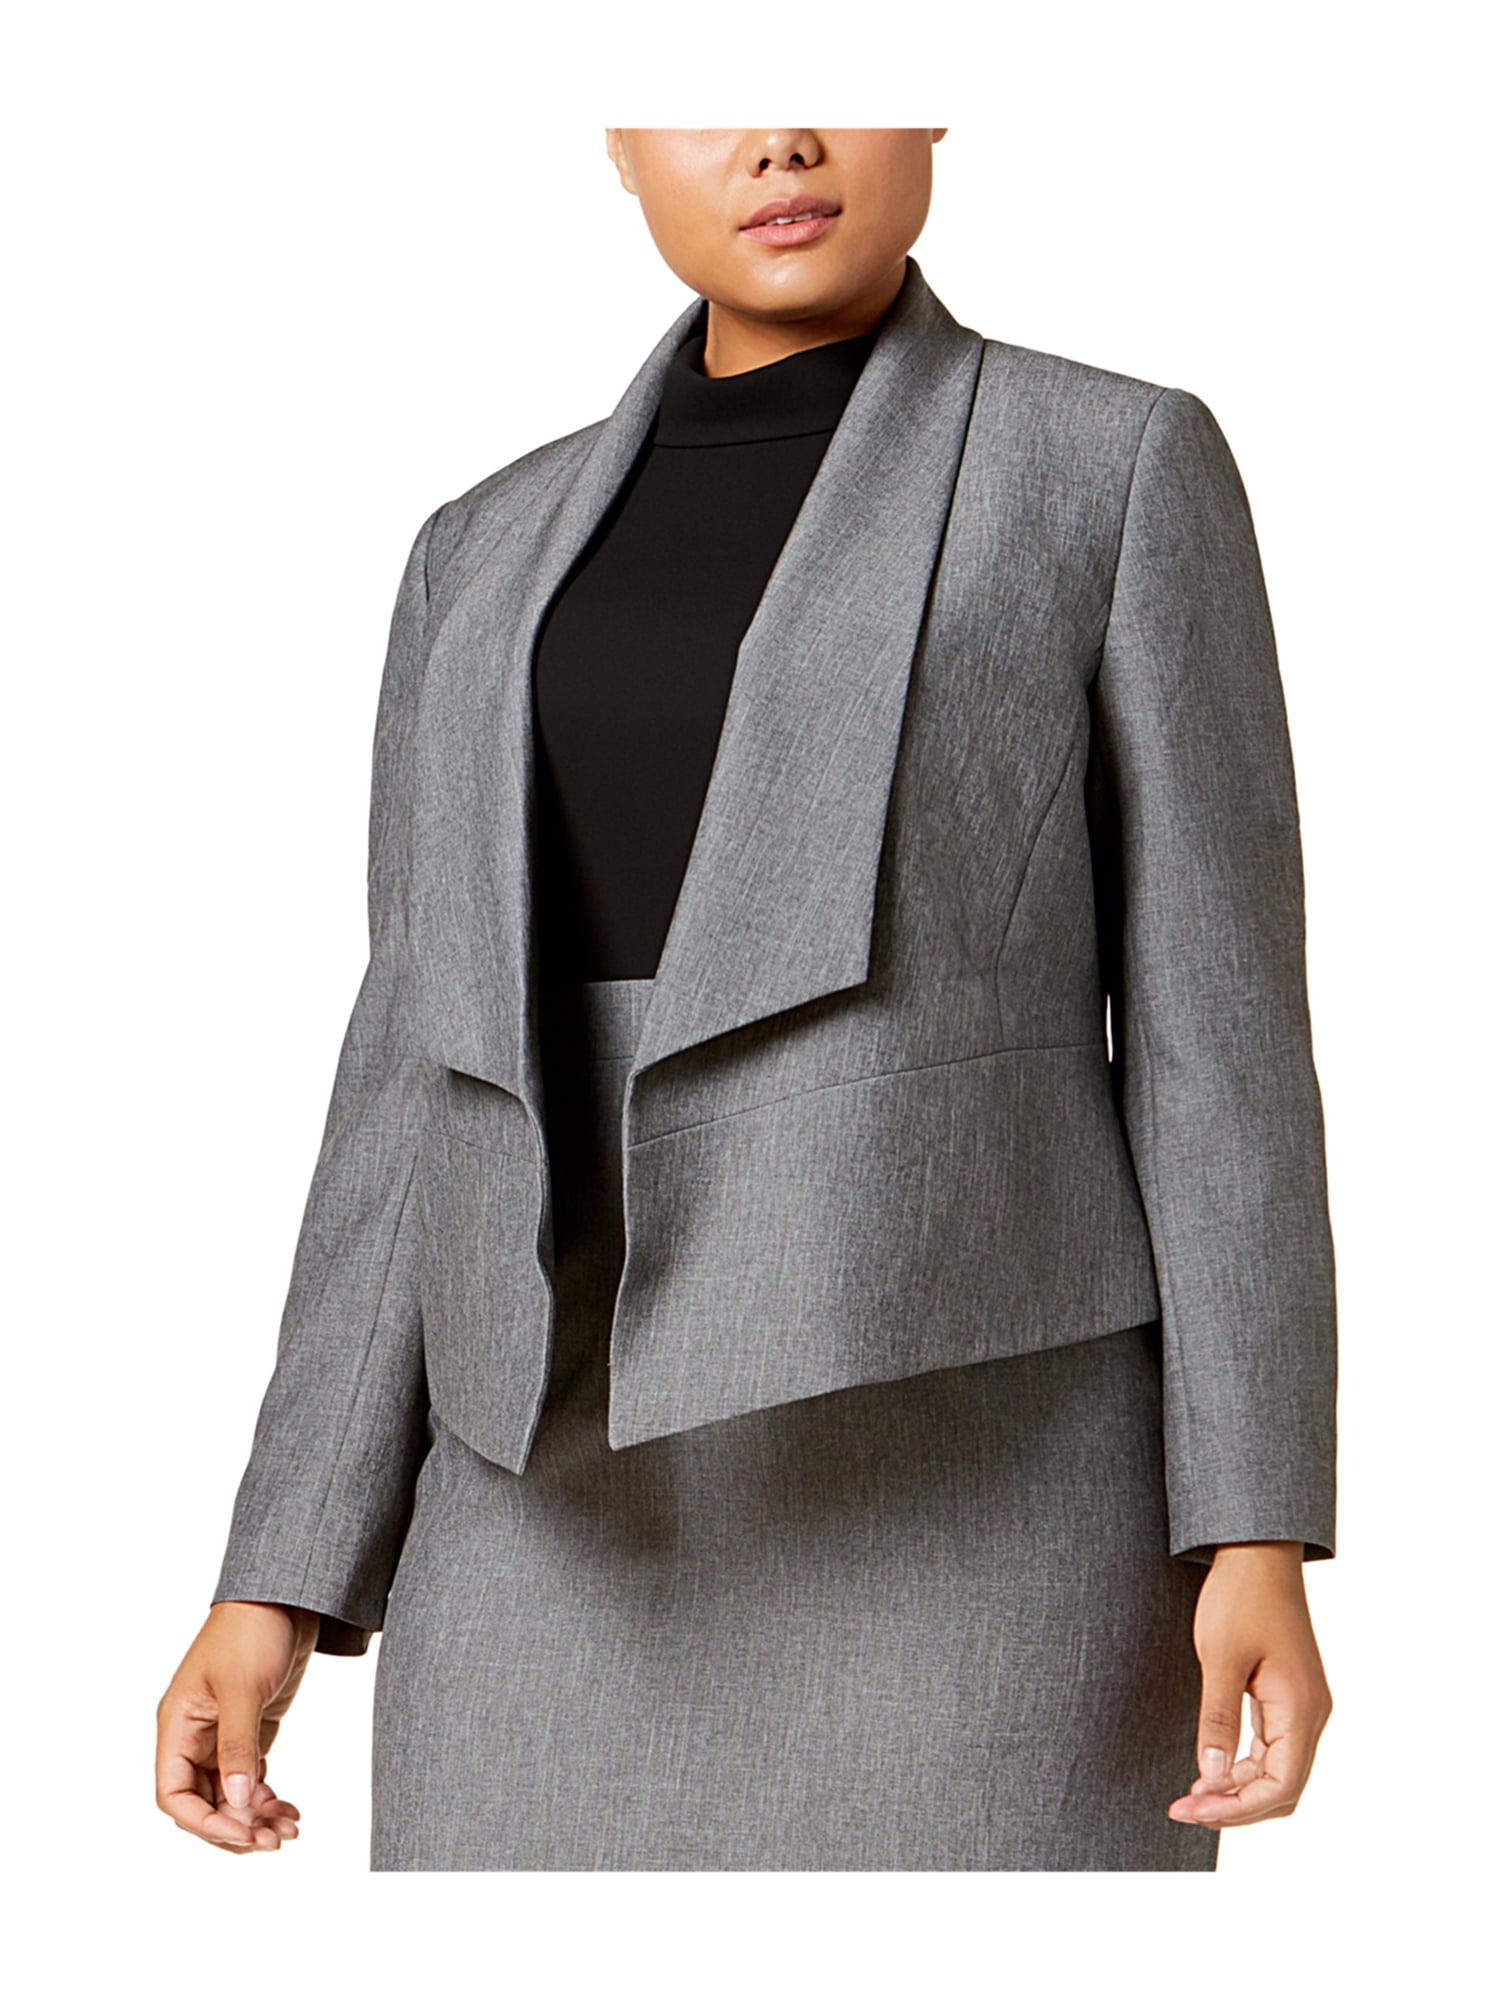 55495a73bd4f8 Nine West Womens Plus Size Flyaway Blazer Jacket greystone 20W ...